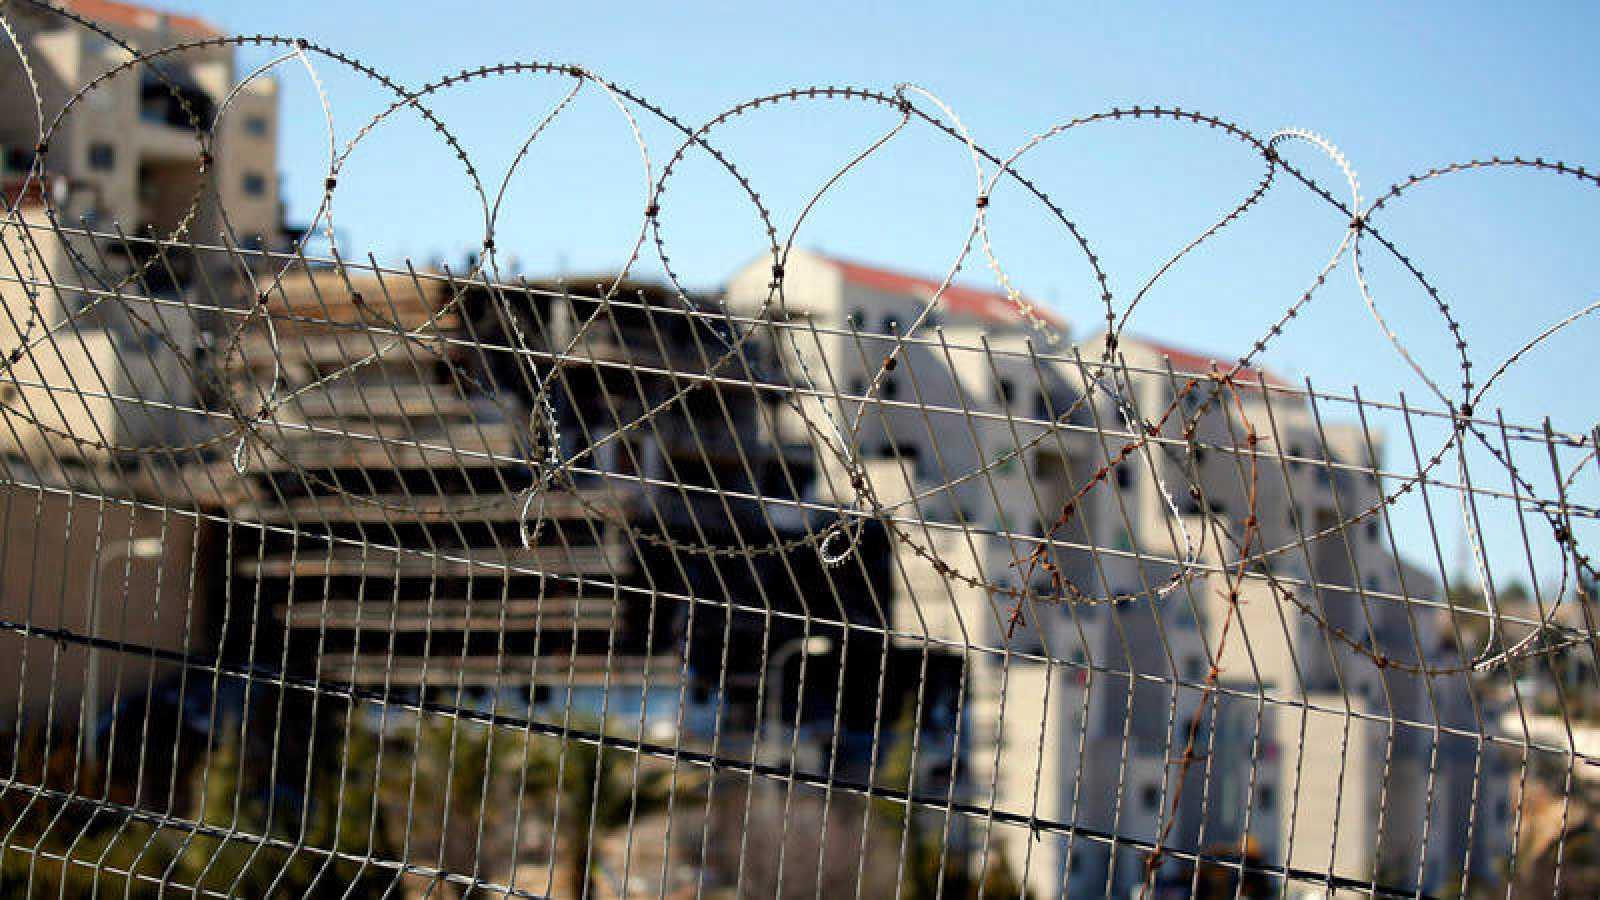 Nuevas construcciones en el asentamiento de Kiryat Arba cerca de Hebrón, en Cisjordania (Palestina)